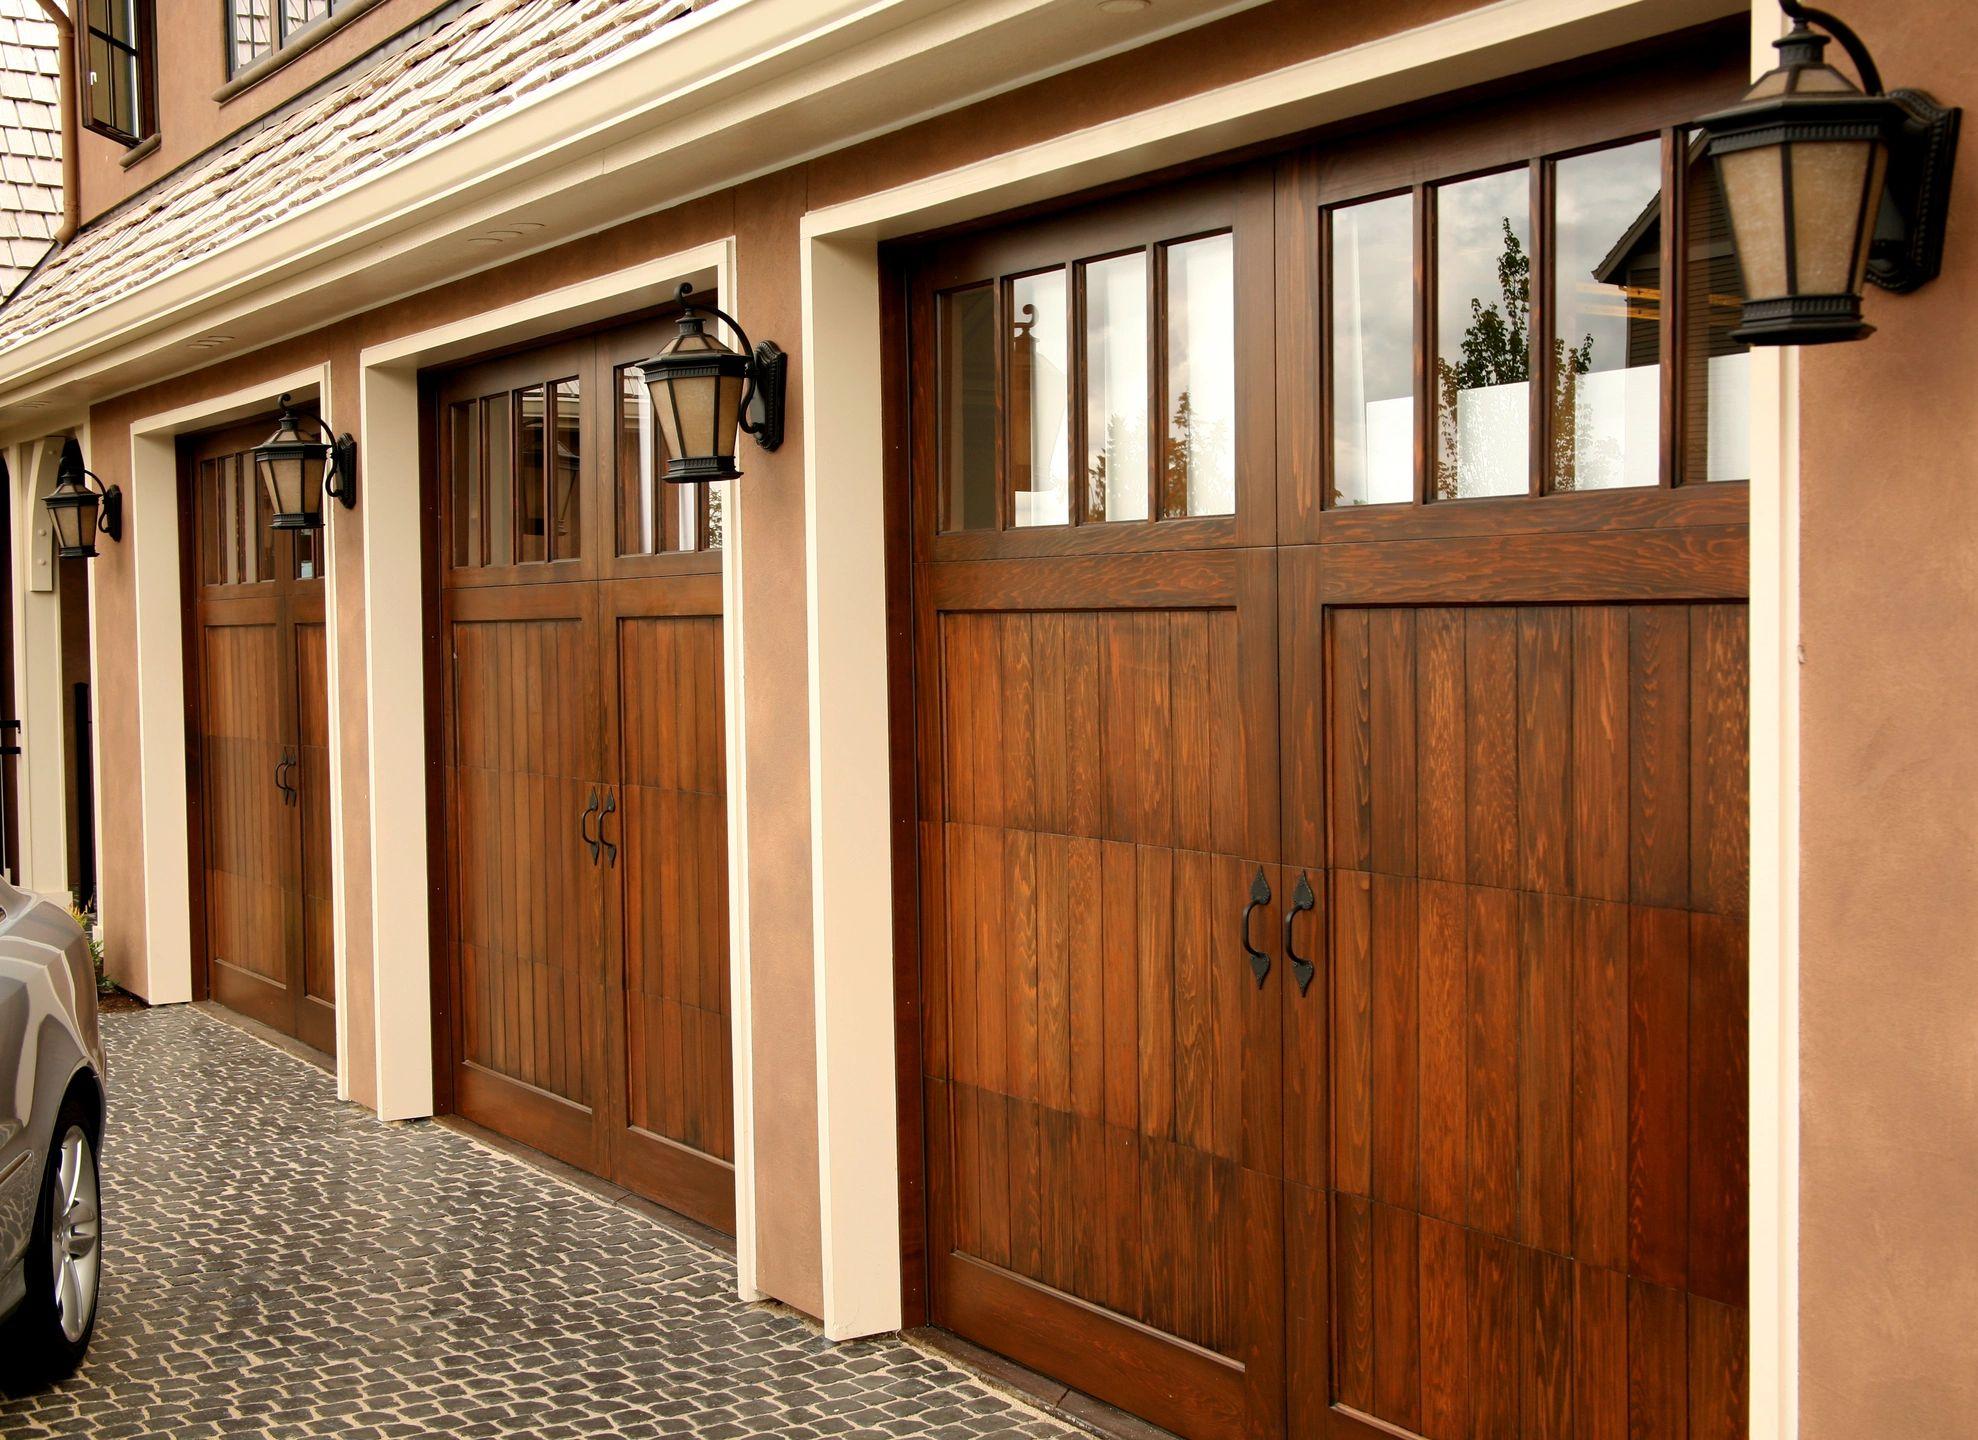 Bent Garage Door Tracks What To Do Elk Grove Garage Door Co